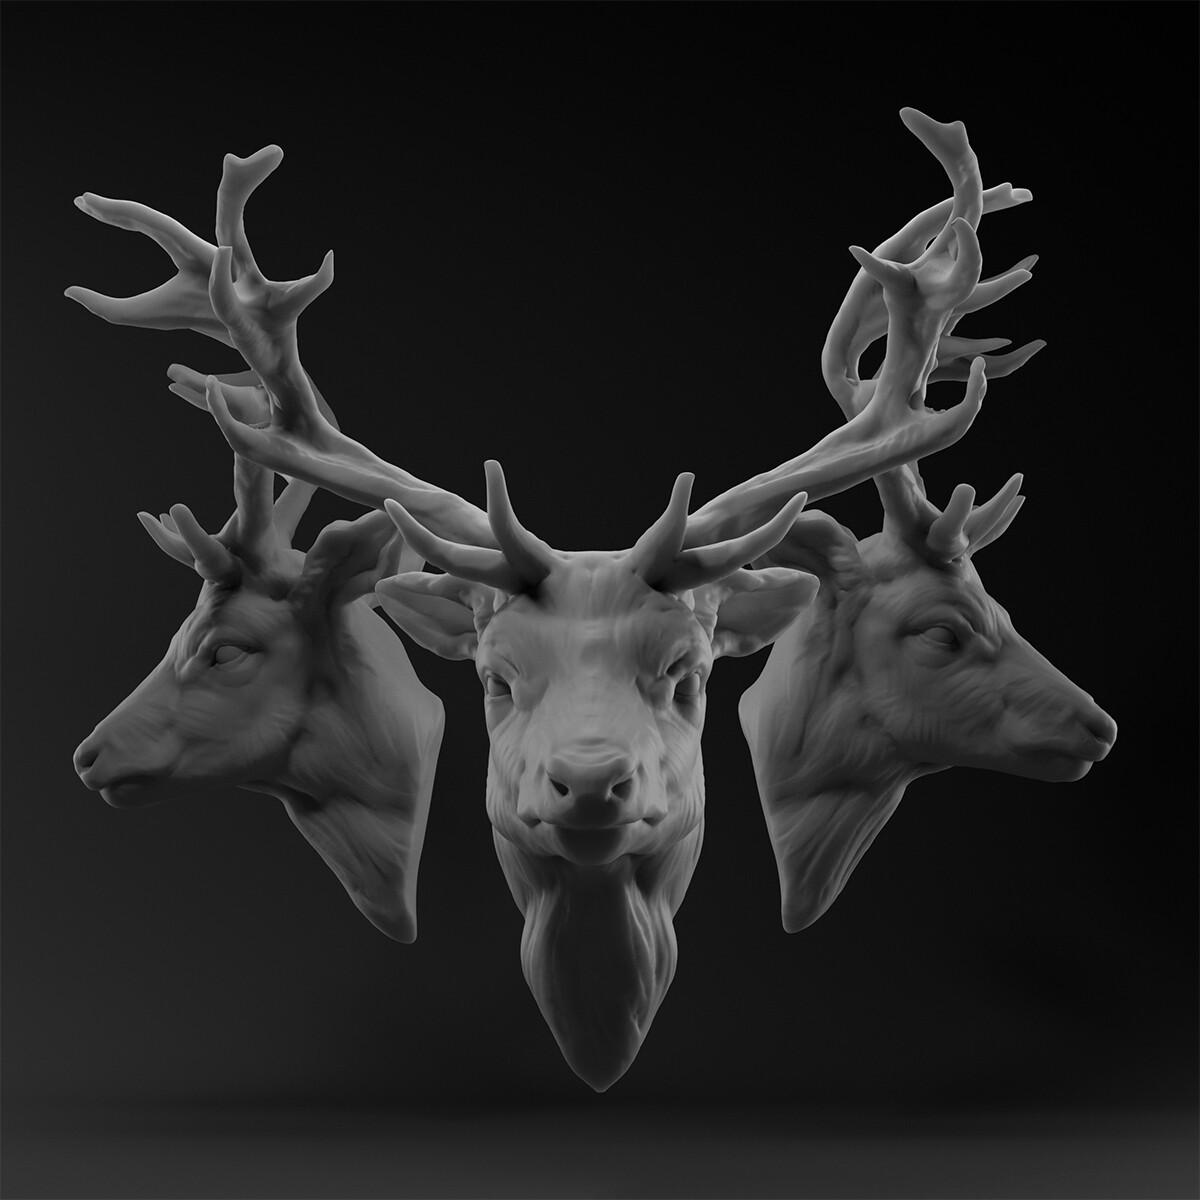 deer_v02_1200.jpg